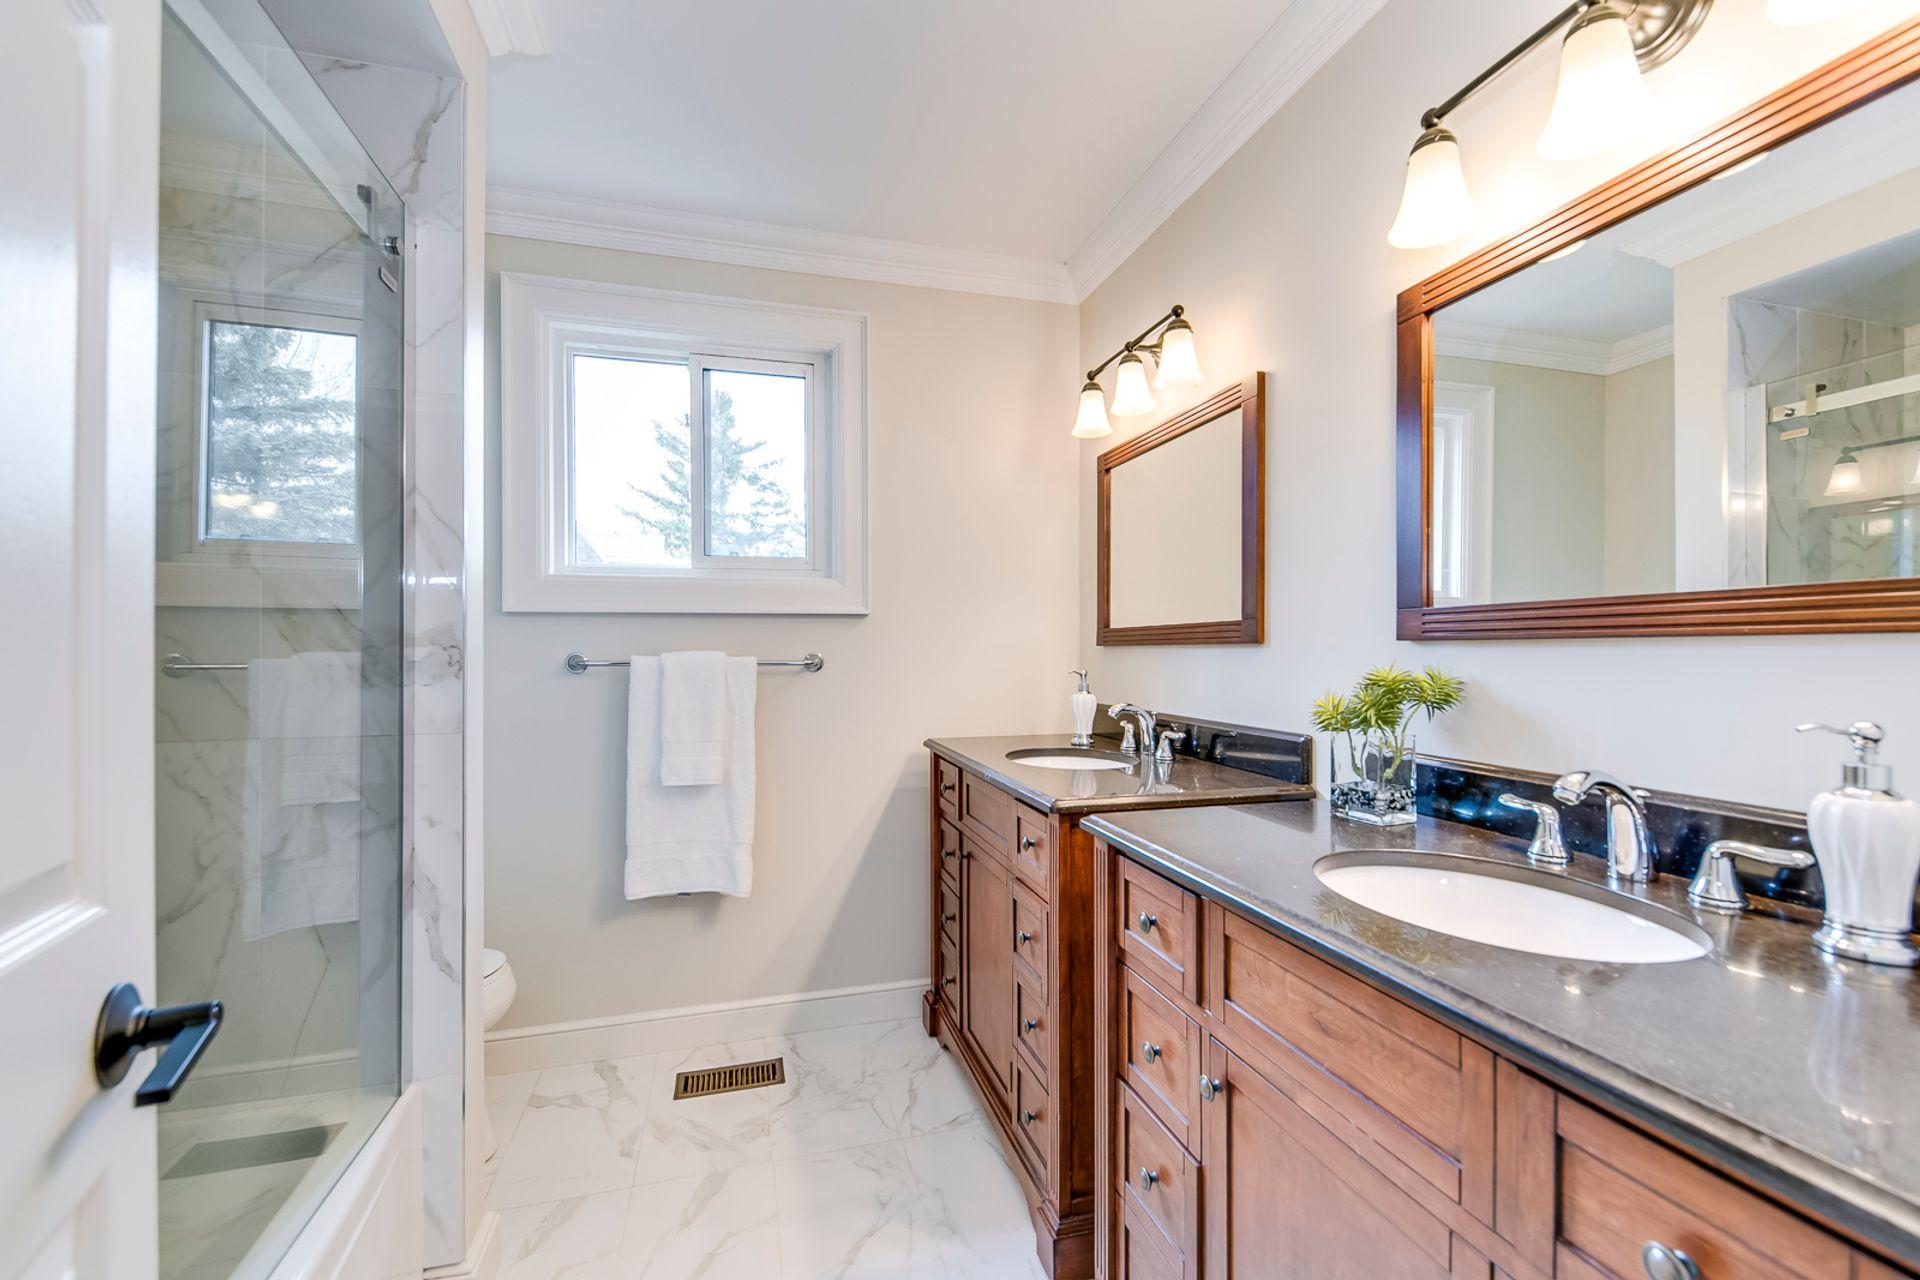 Main Bathroom - 2275 Daffodil Court, Oakville - Elite3 & Team at 2275 Daffodil Court, Eastlake, Oakville